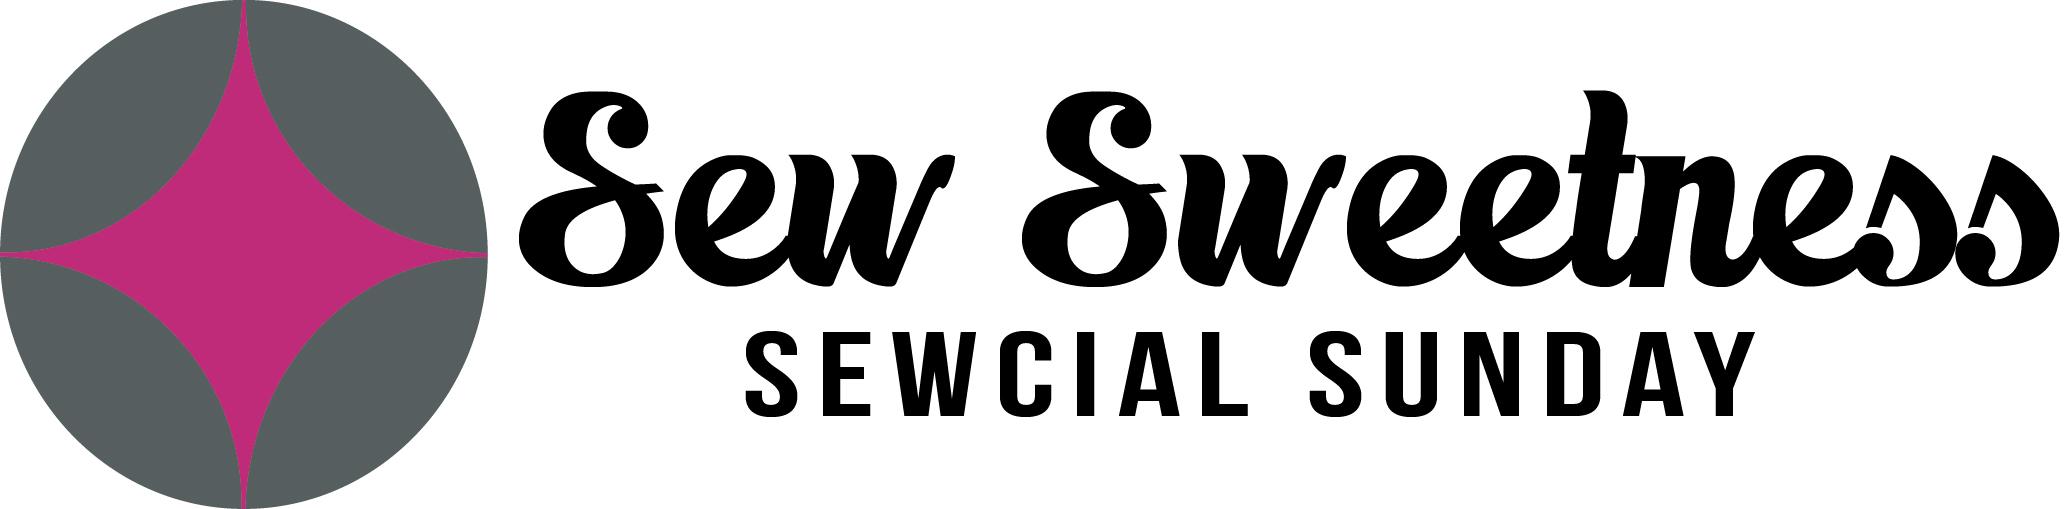 Sewcial Sunday